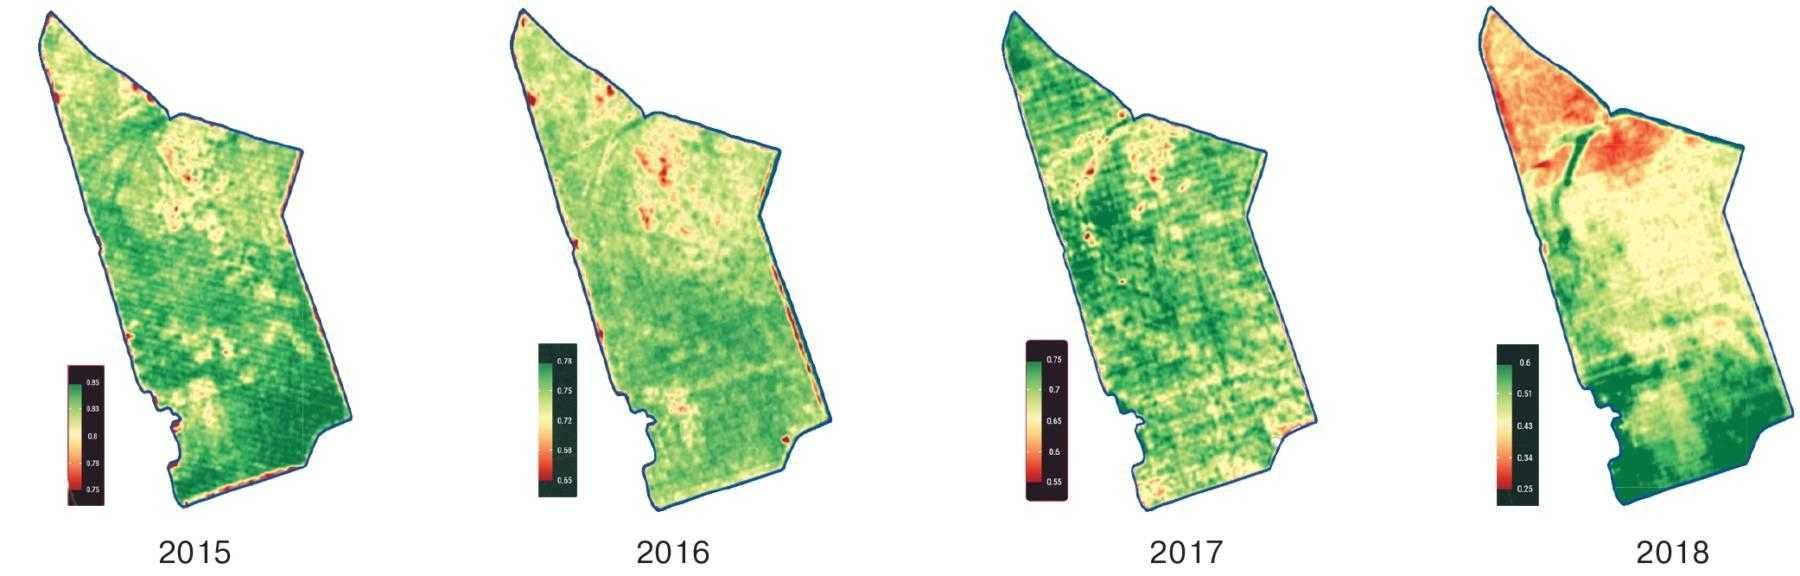 Рис. 4. Показники NDVI на одному і тому ж полі за останніх чотири роки